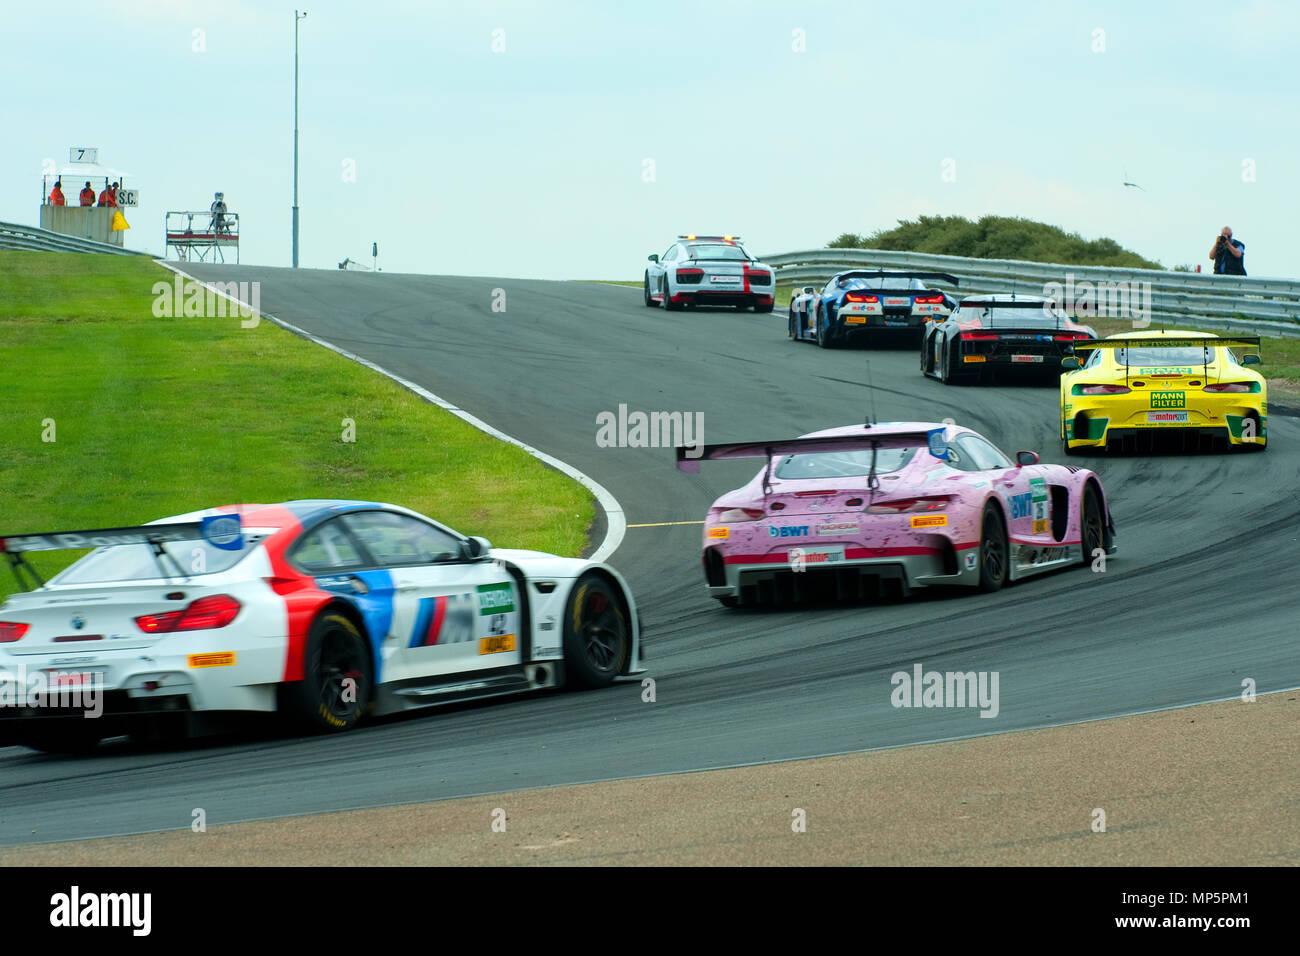 Circuito Holanda : Coche de seguridad líder del circuito la pista de carreras de